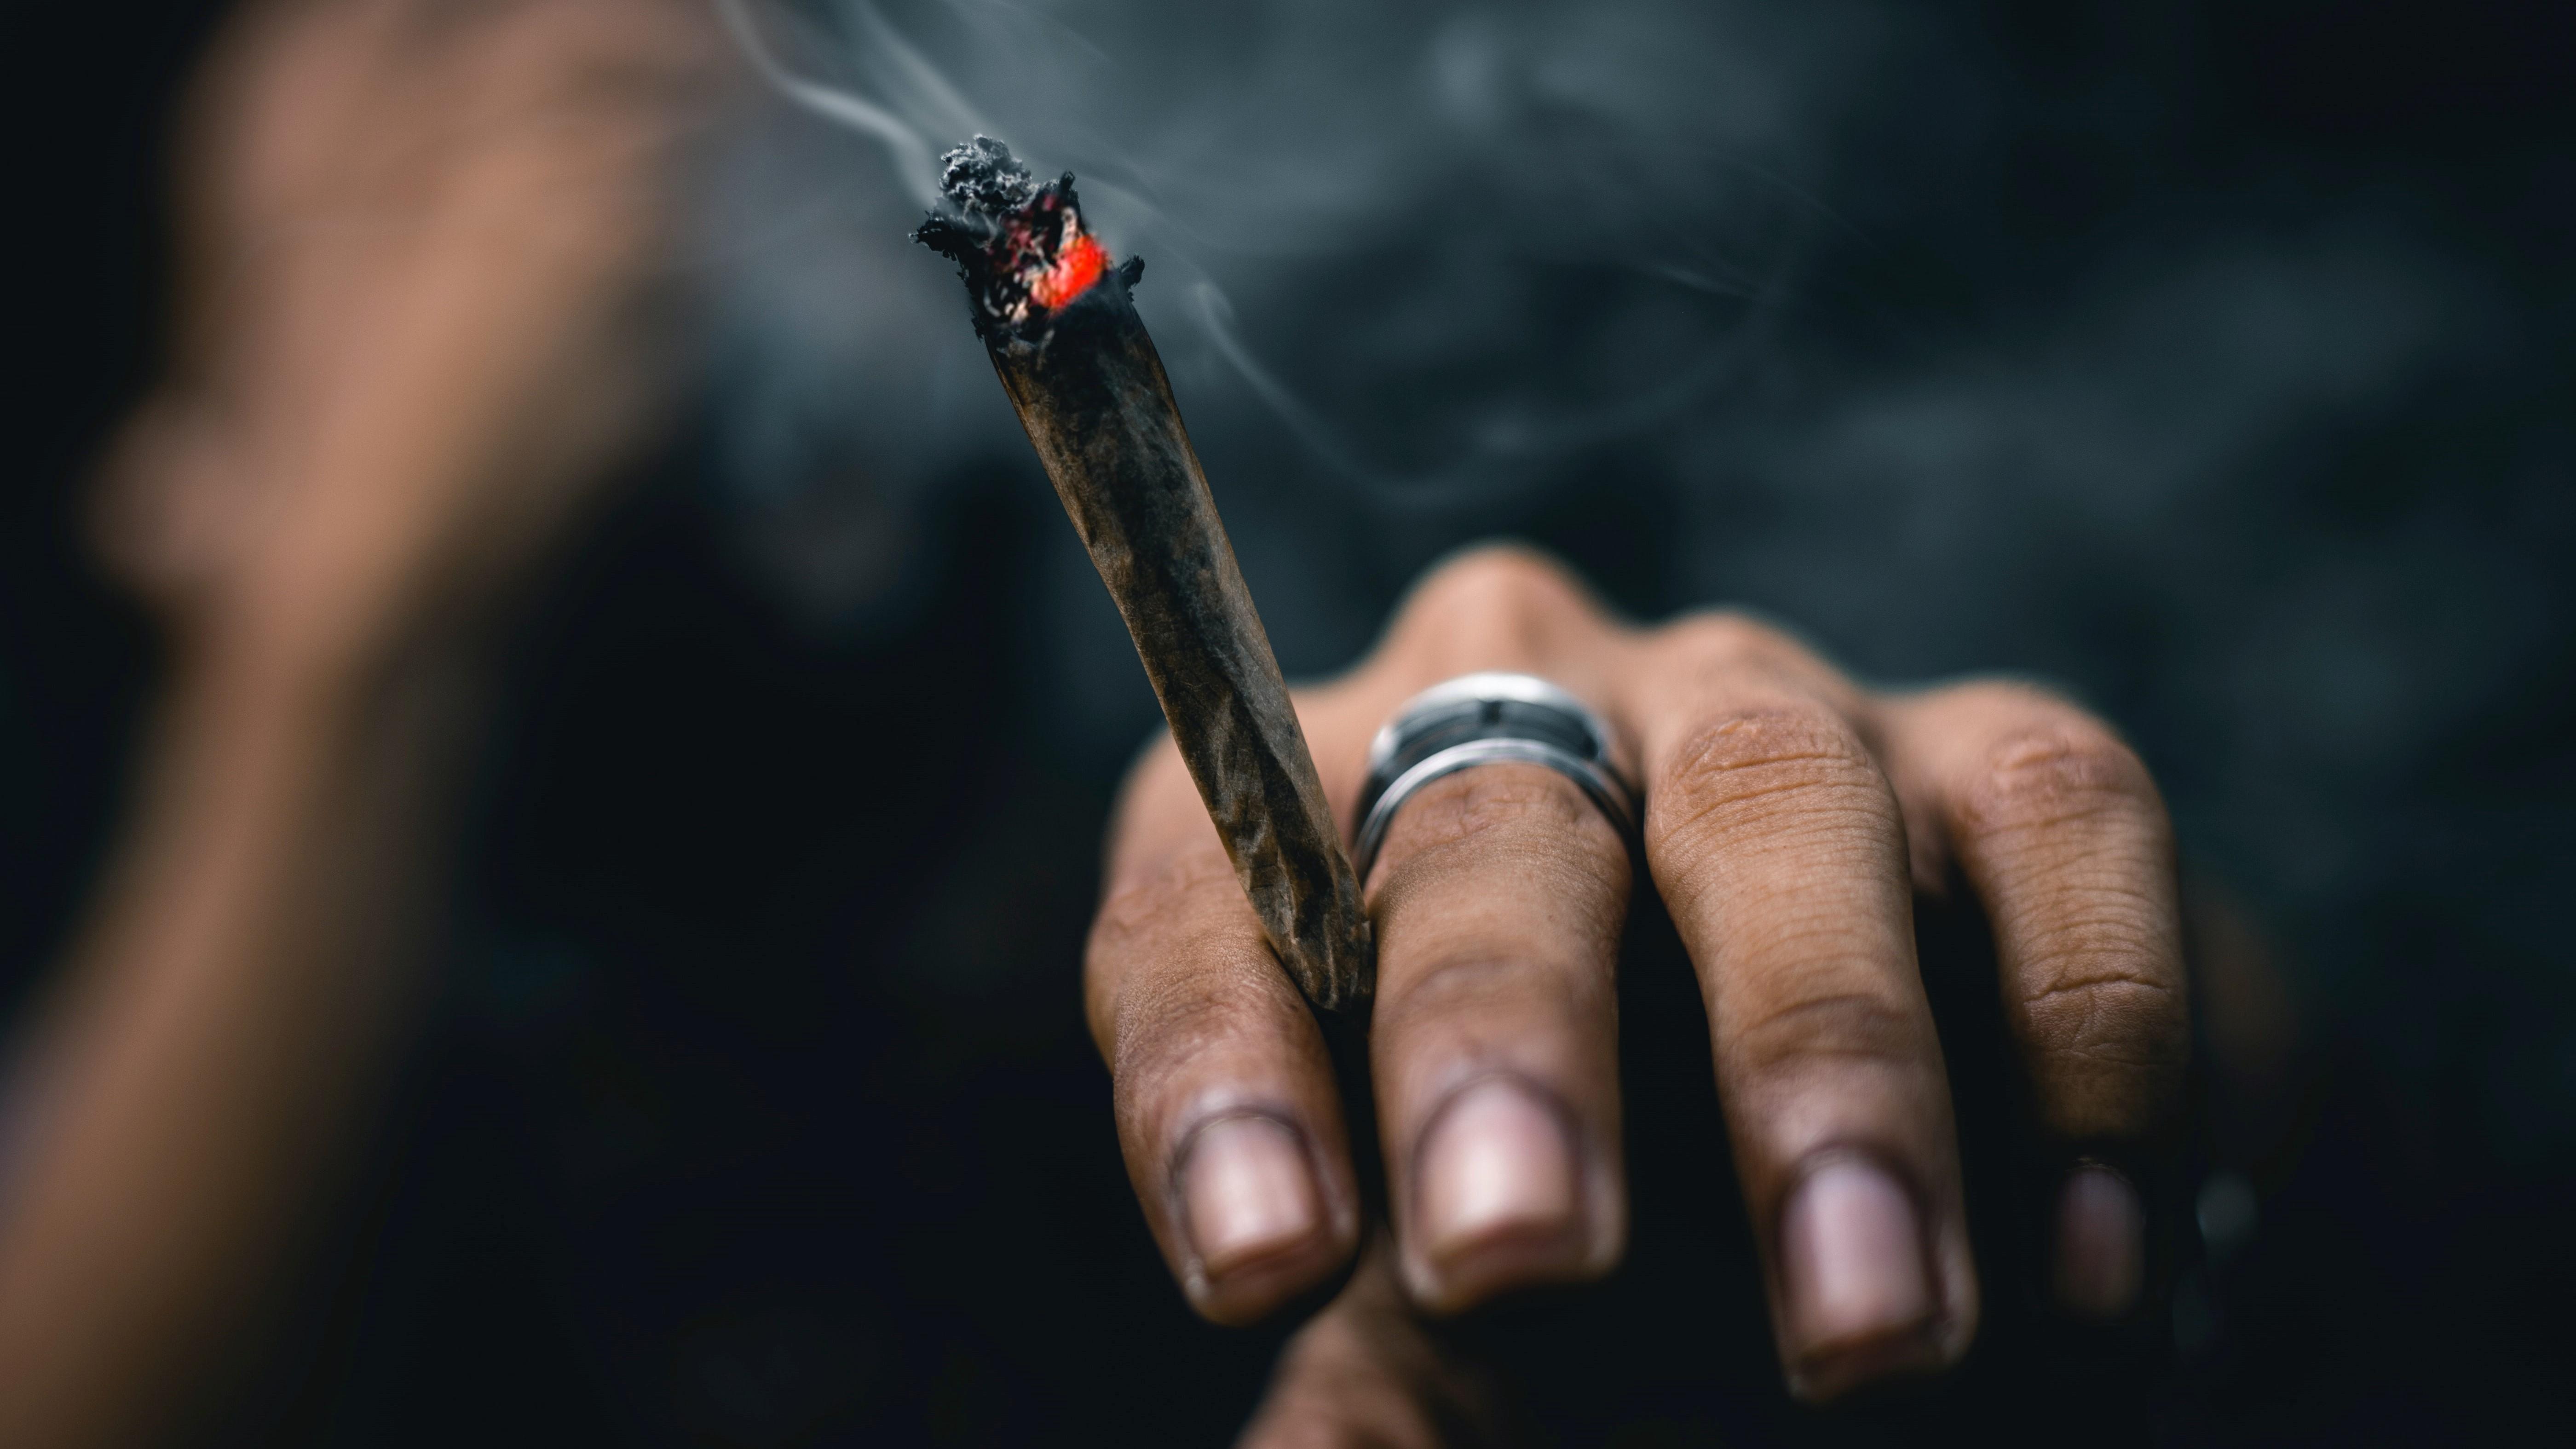 Health News - Smoking Cannabis and Corona